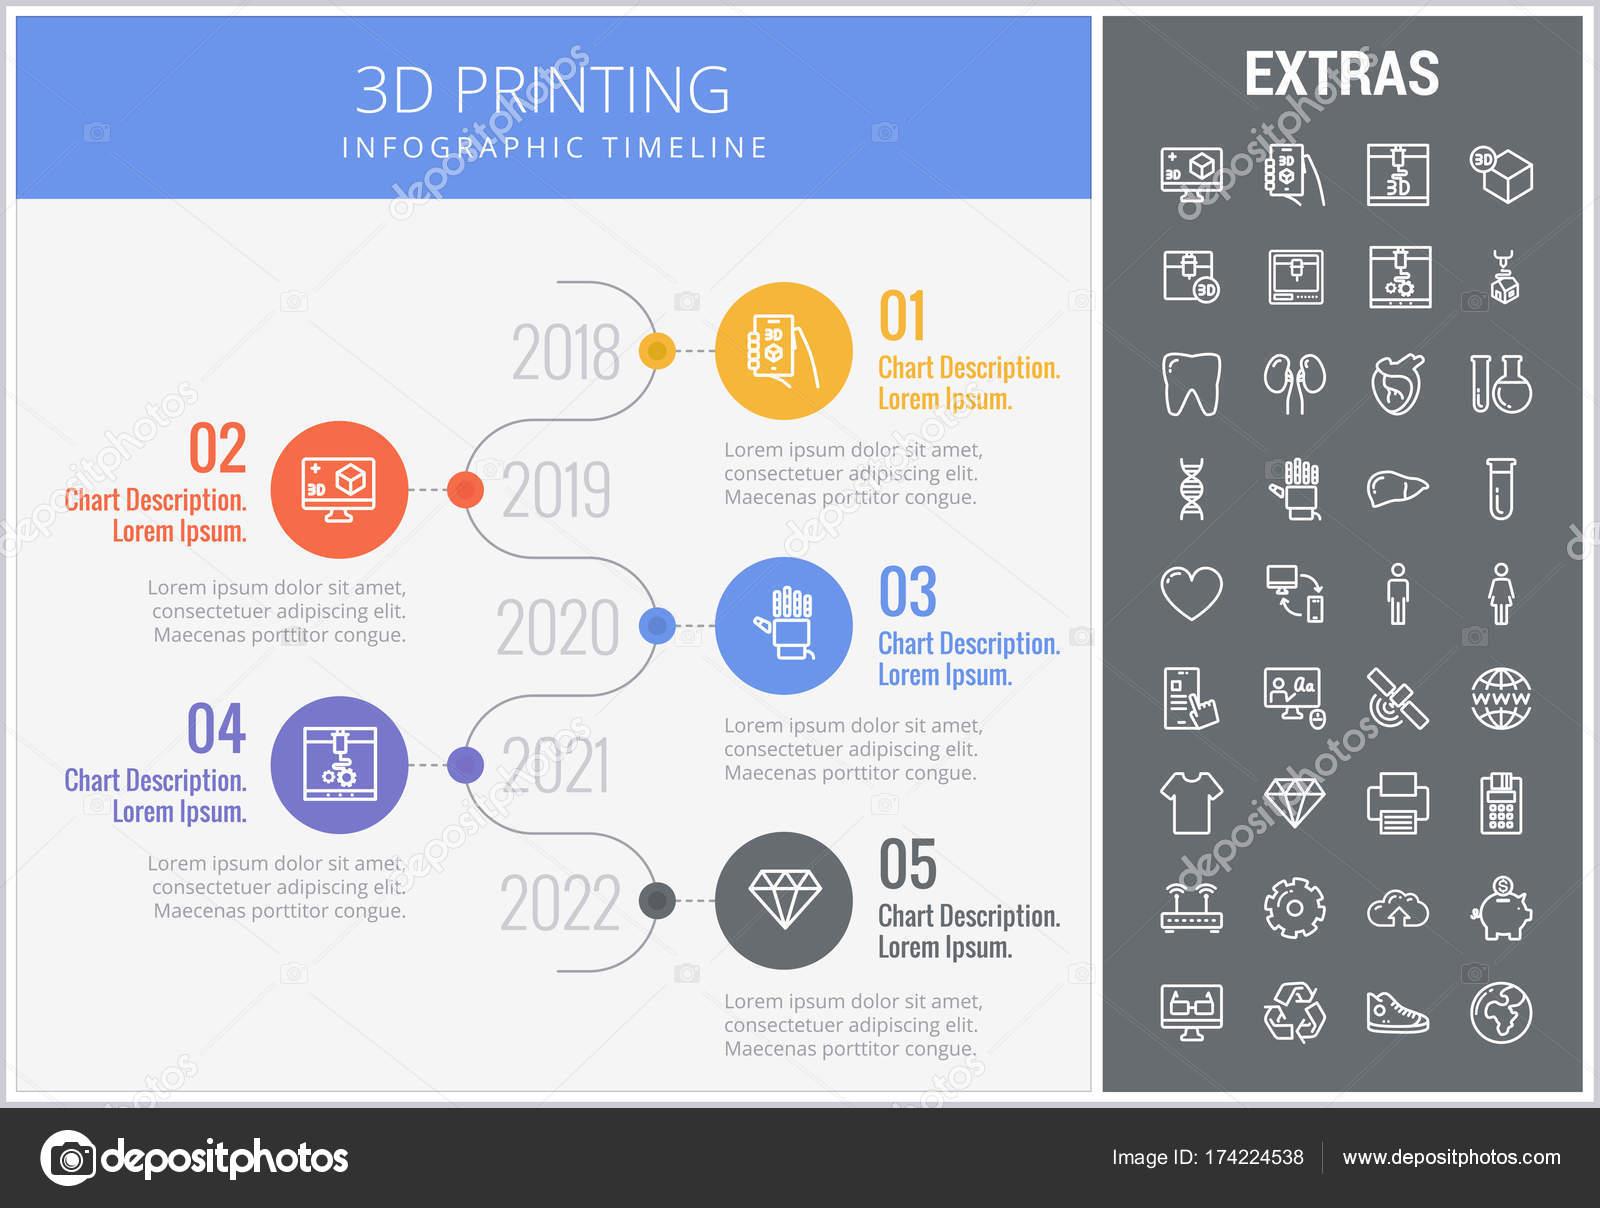 elementos y 3d impresión plantilla de infografía — Archivo Imágenes ...